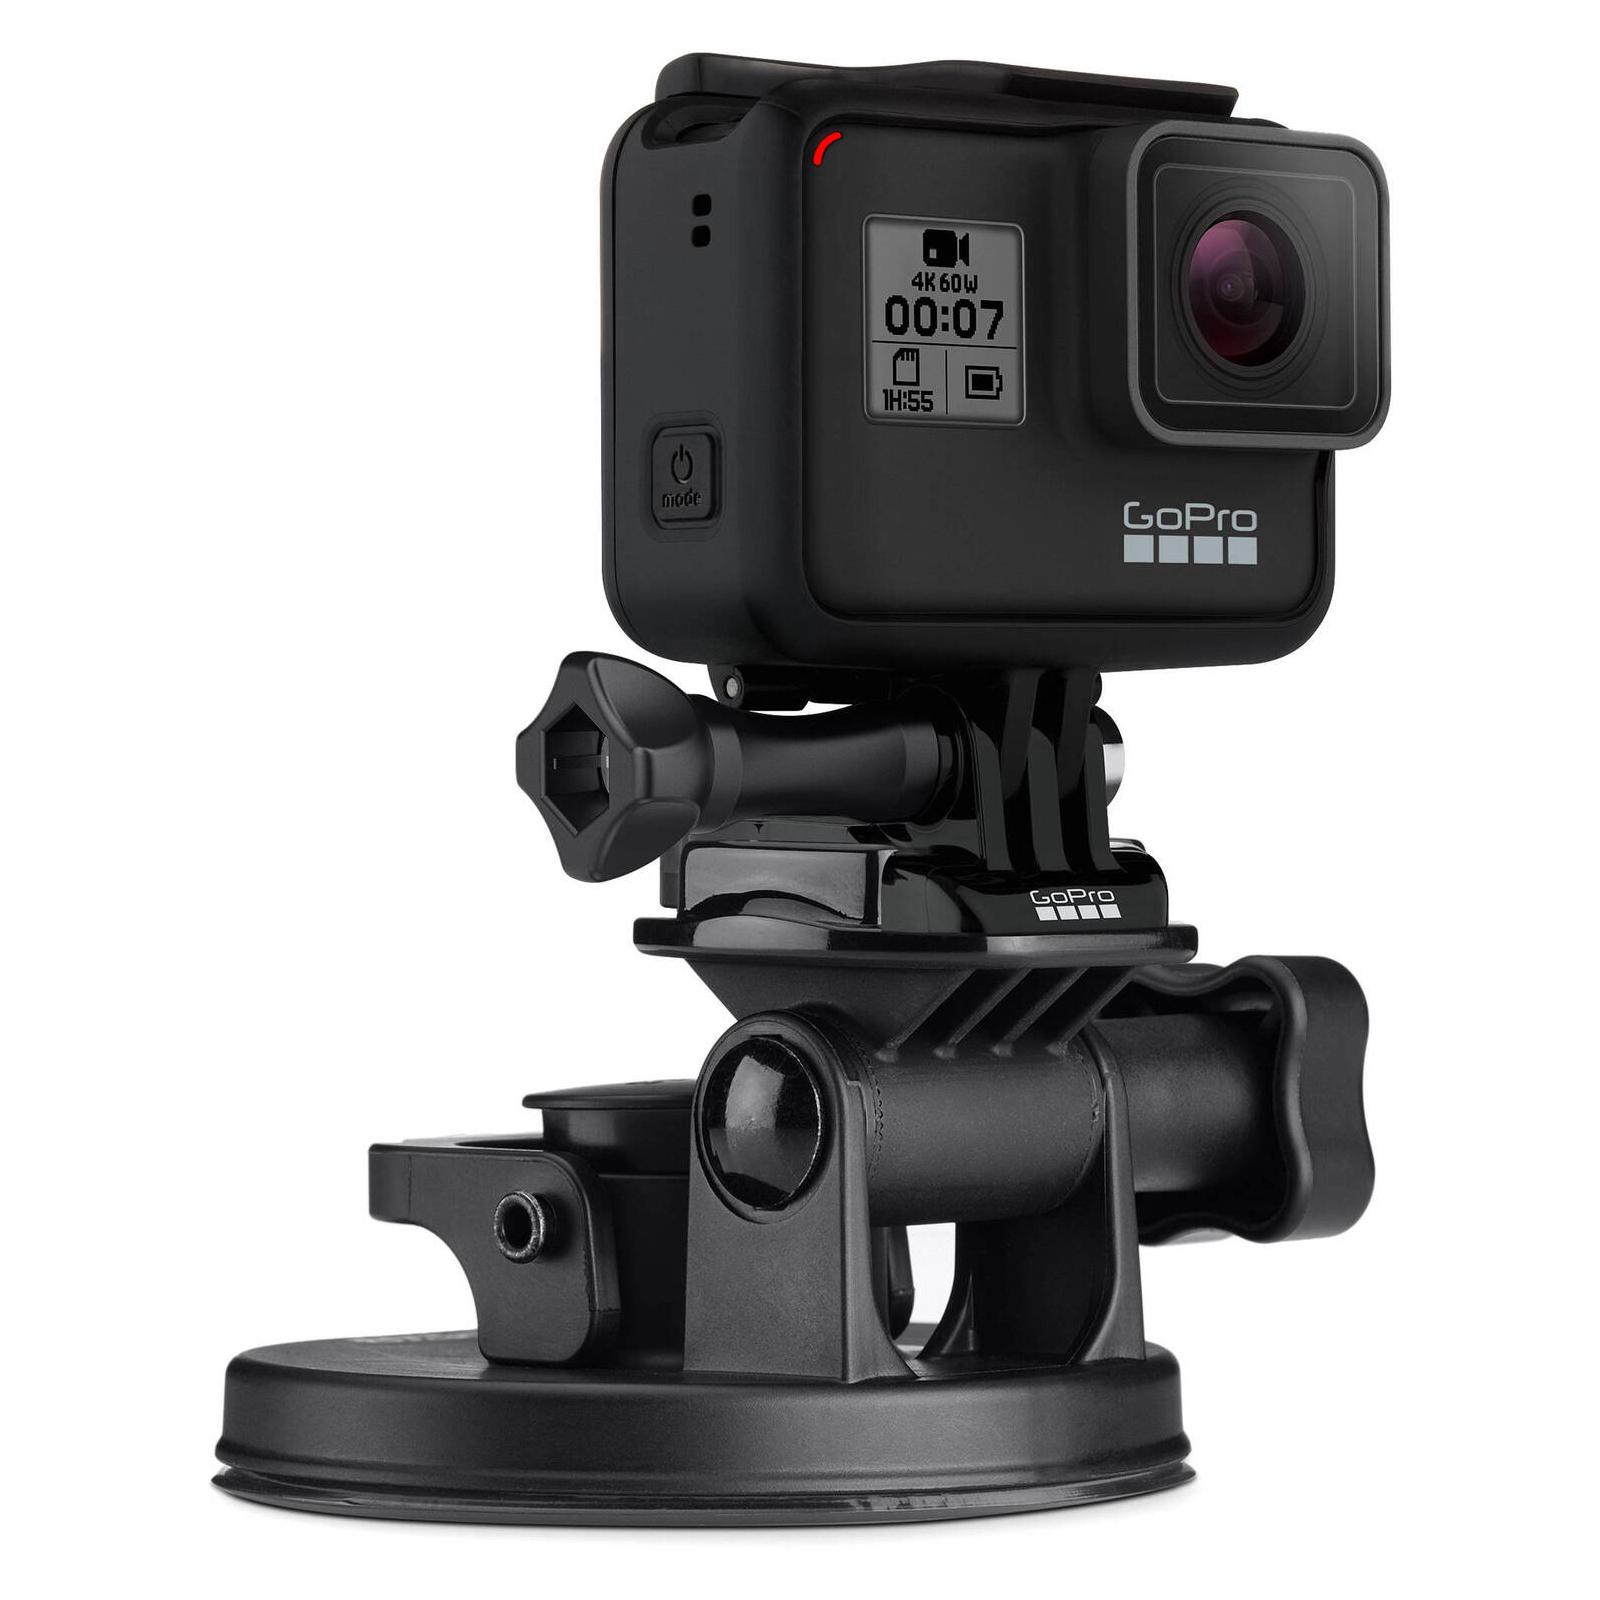 Аксессуар к экшн-камерам GoPro Suction Cup Mount (AUCMT-302) изображение 3